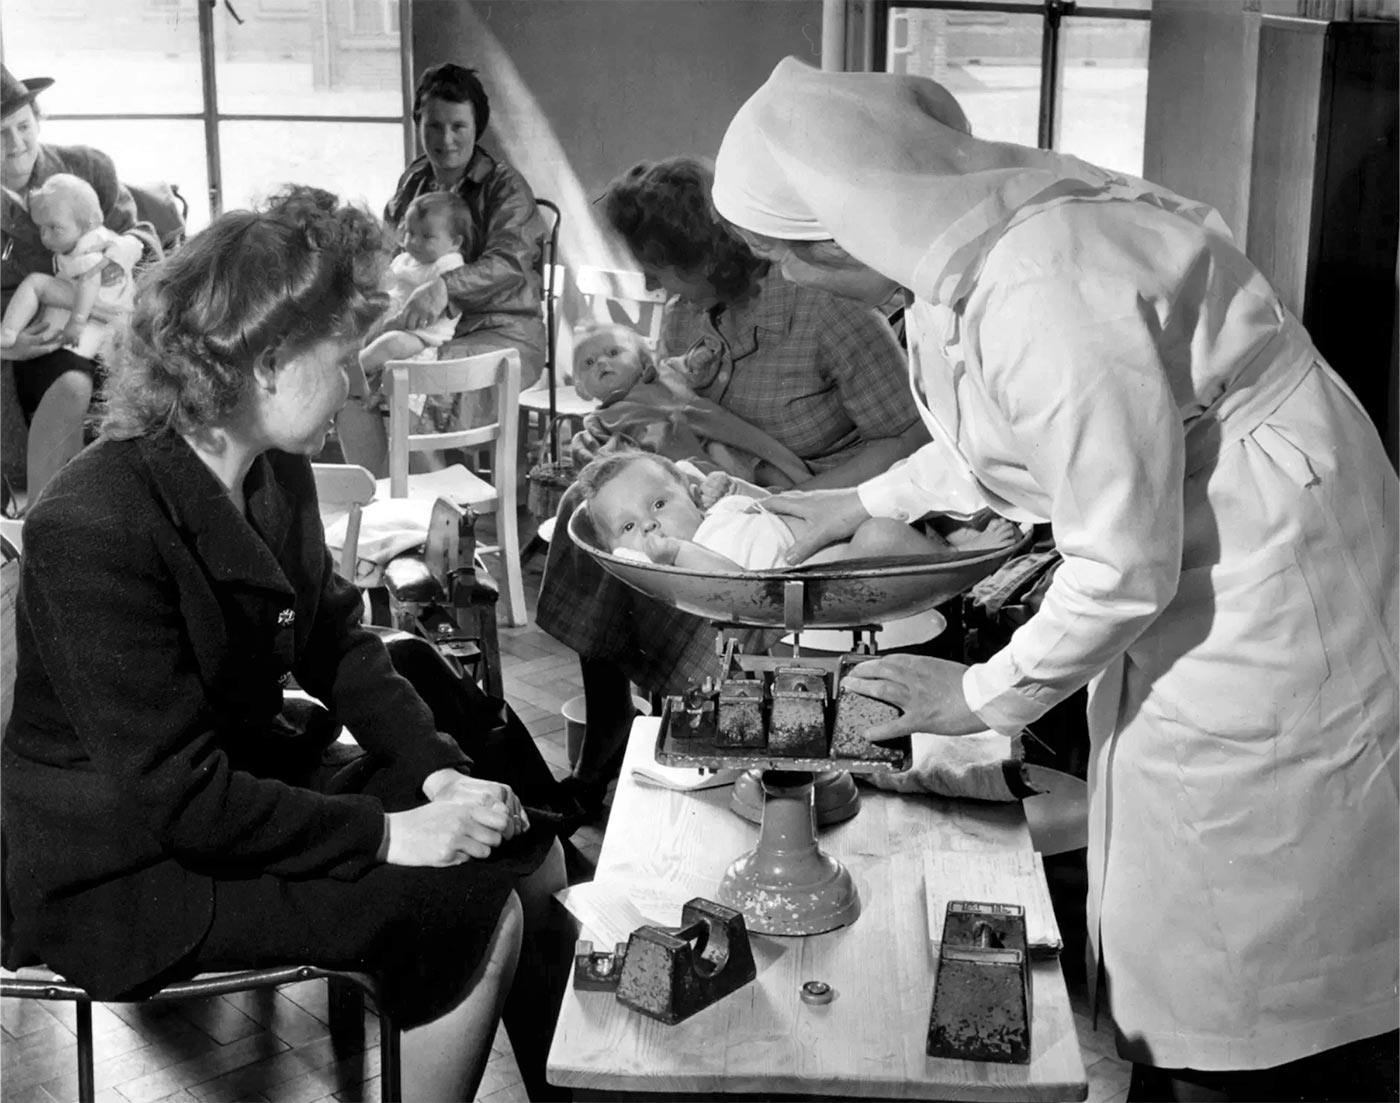 Взвешивание новорожденной девочки, Бристольская клиника, 1948 год